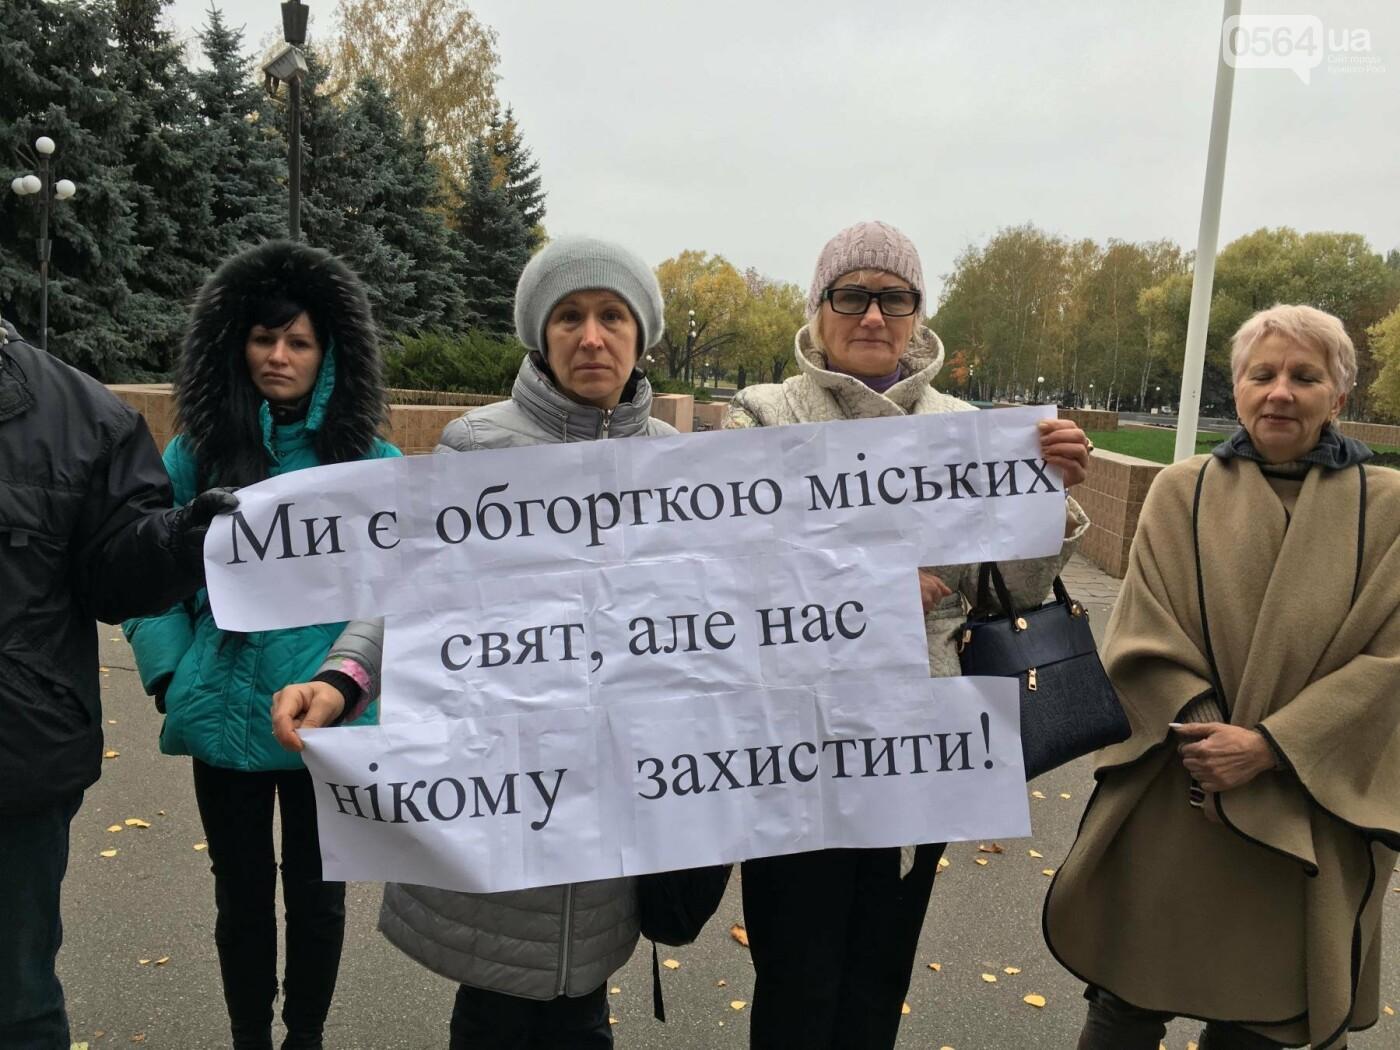 """Сотрудники """"Горыцвита"""" пришли с плакатами к Криворожскому горсовету. """"Муниципалы"""" устроили им """"плотный пропускной режим"""" (ФОТО), фото-1"""